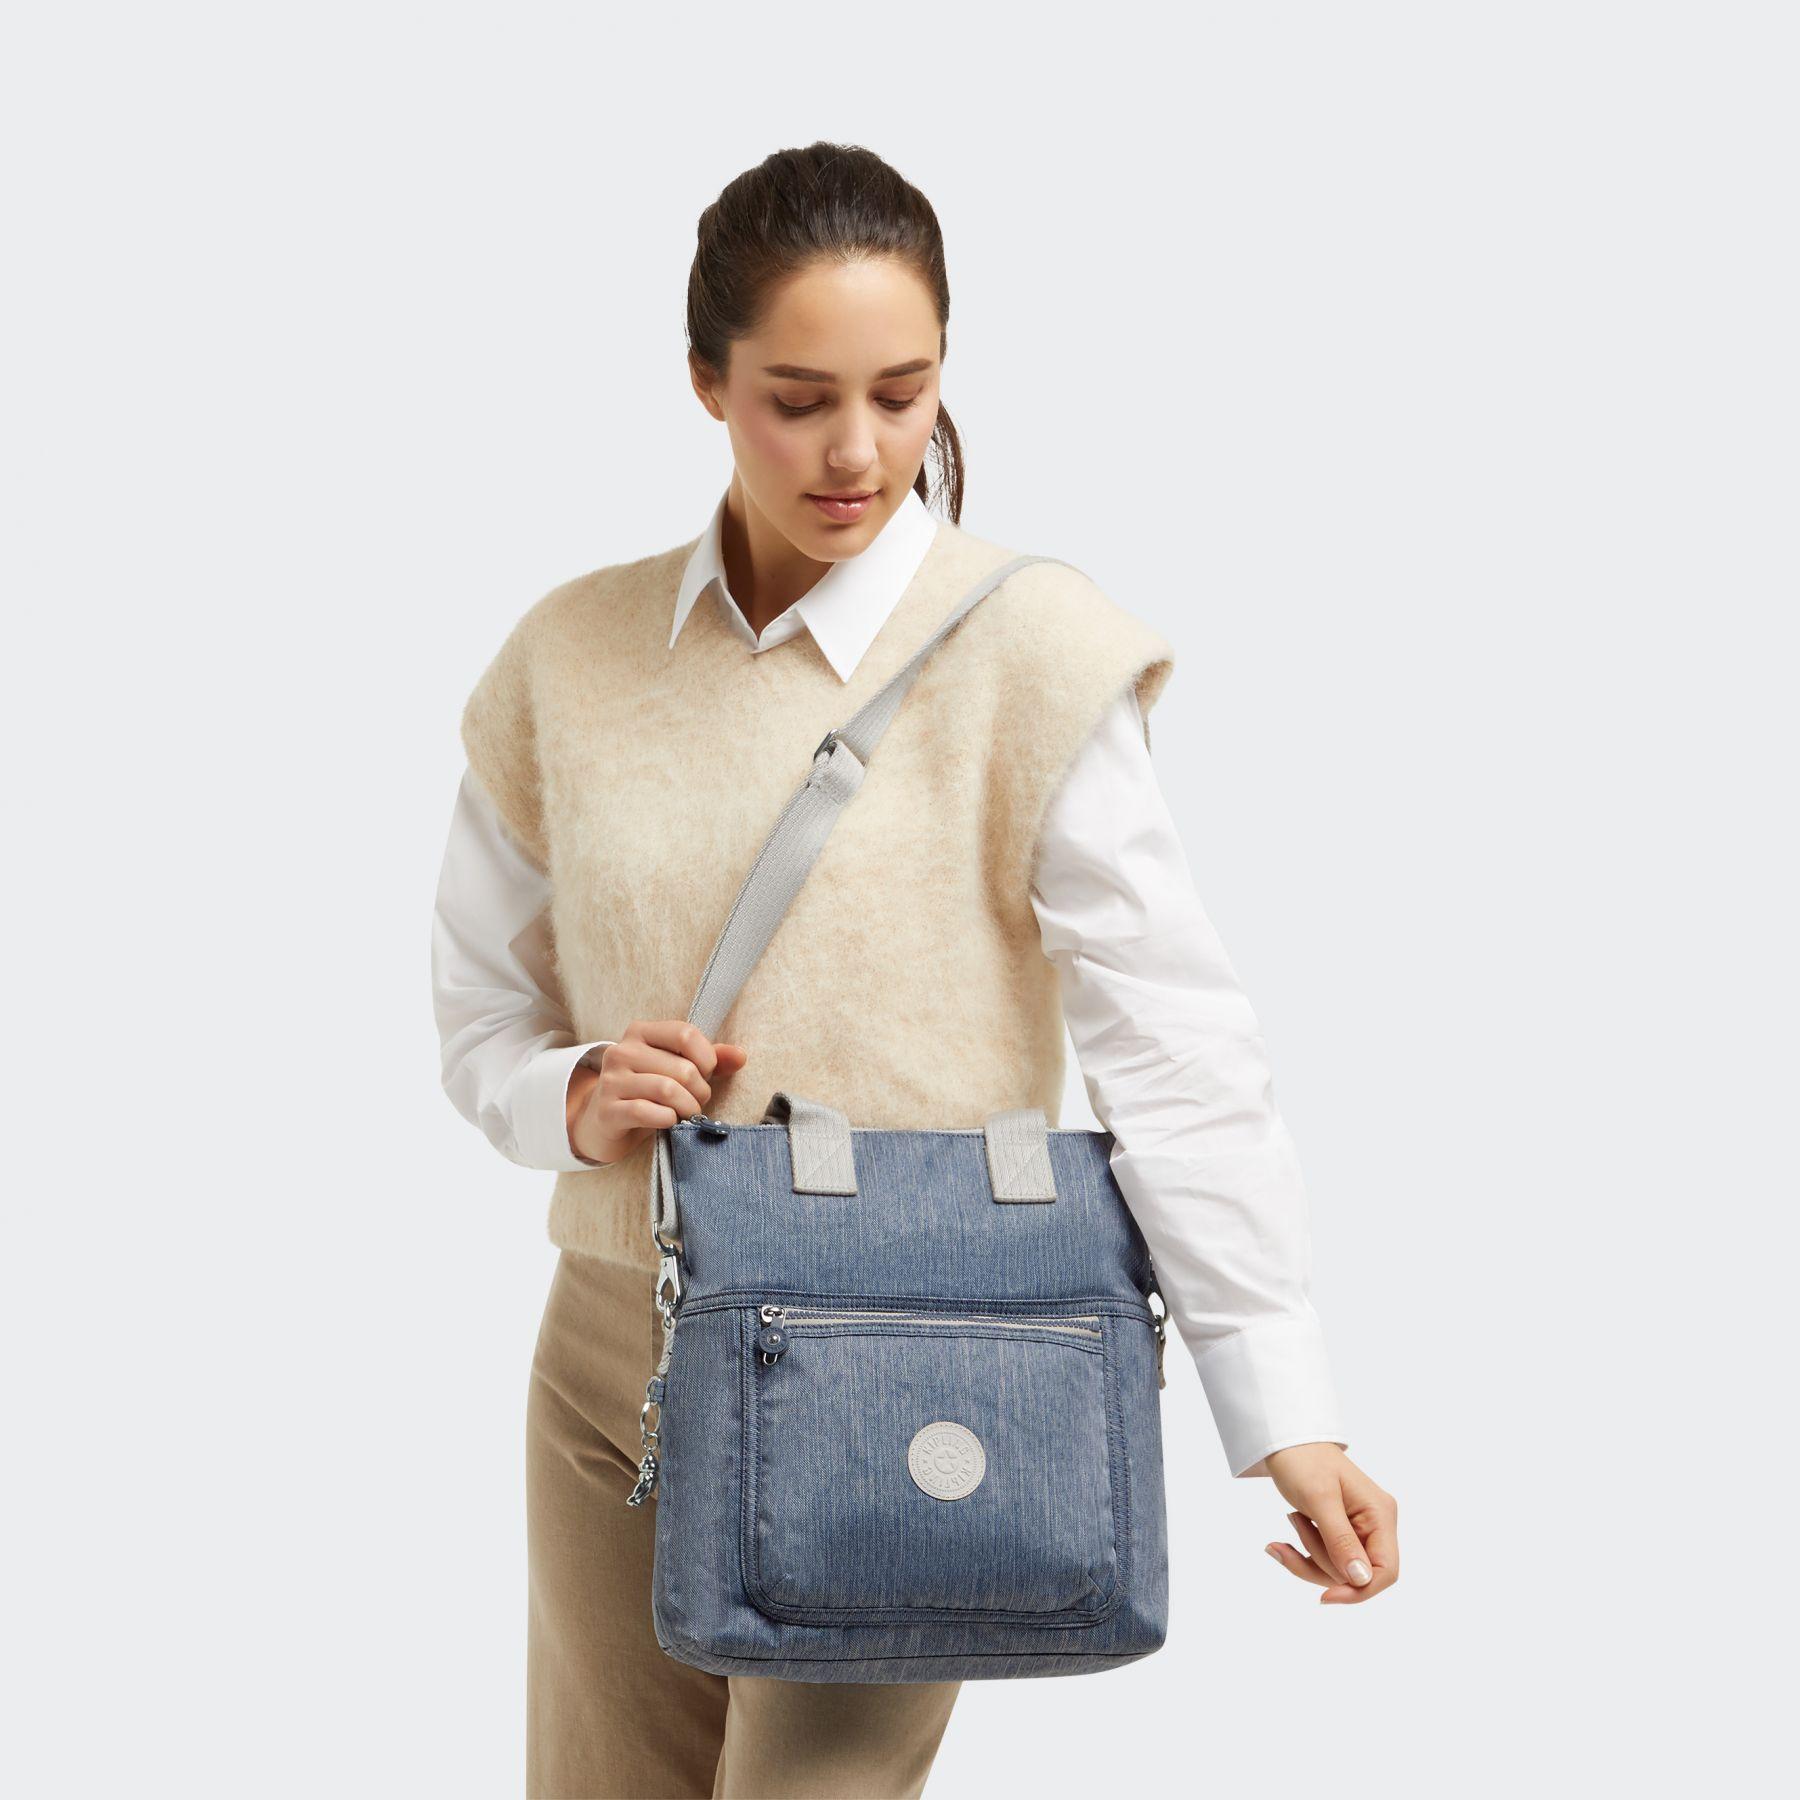 ELEVA BAGS by Kipling